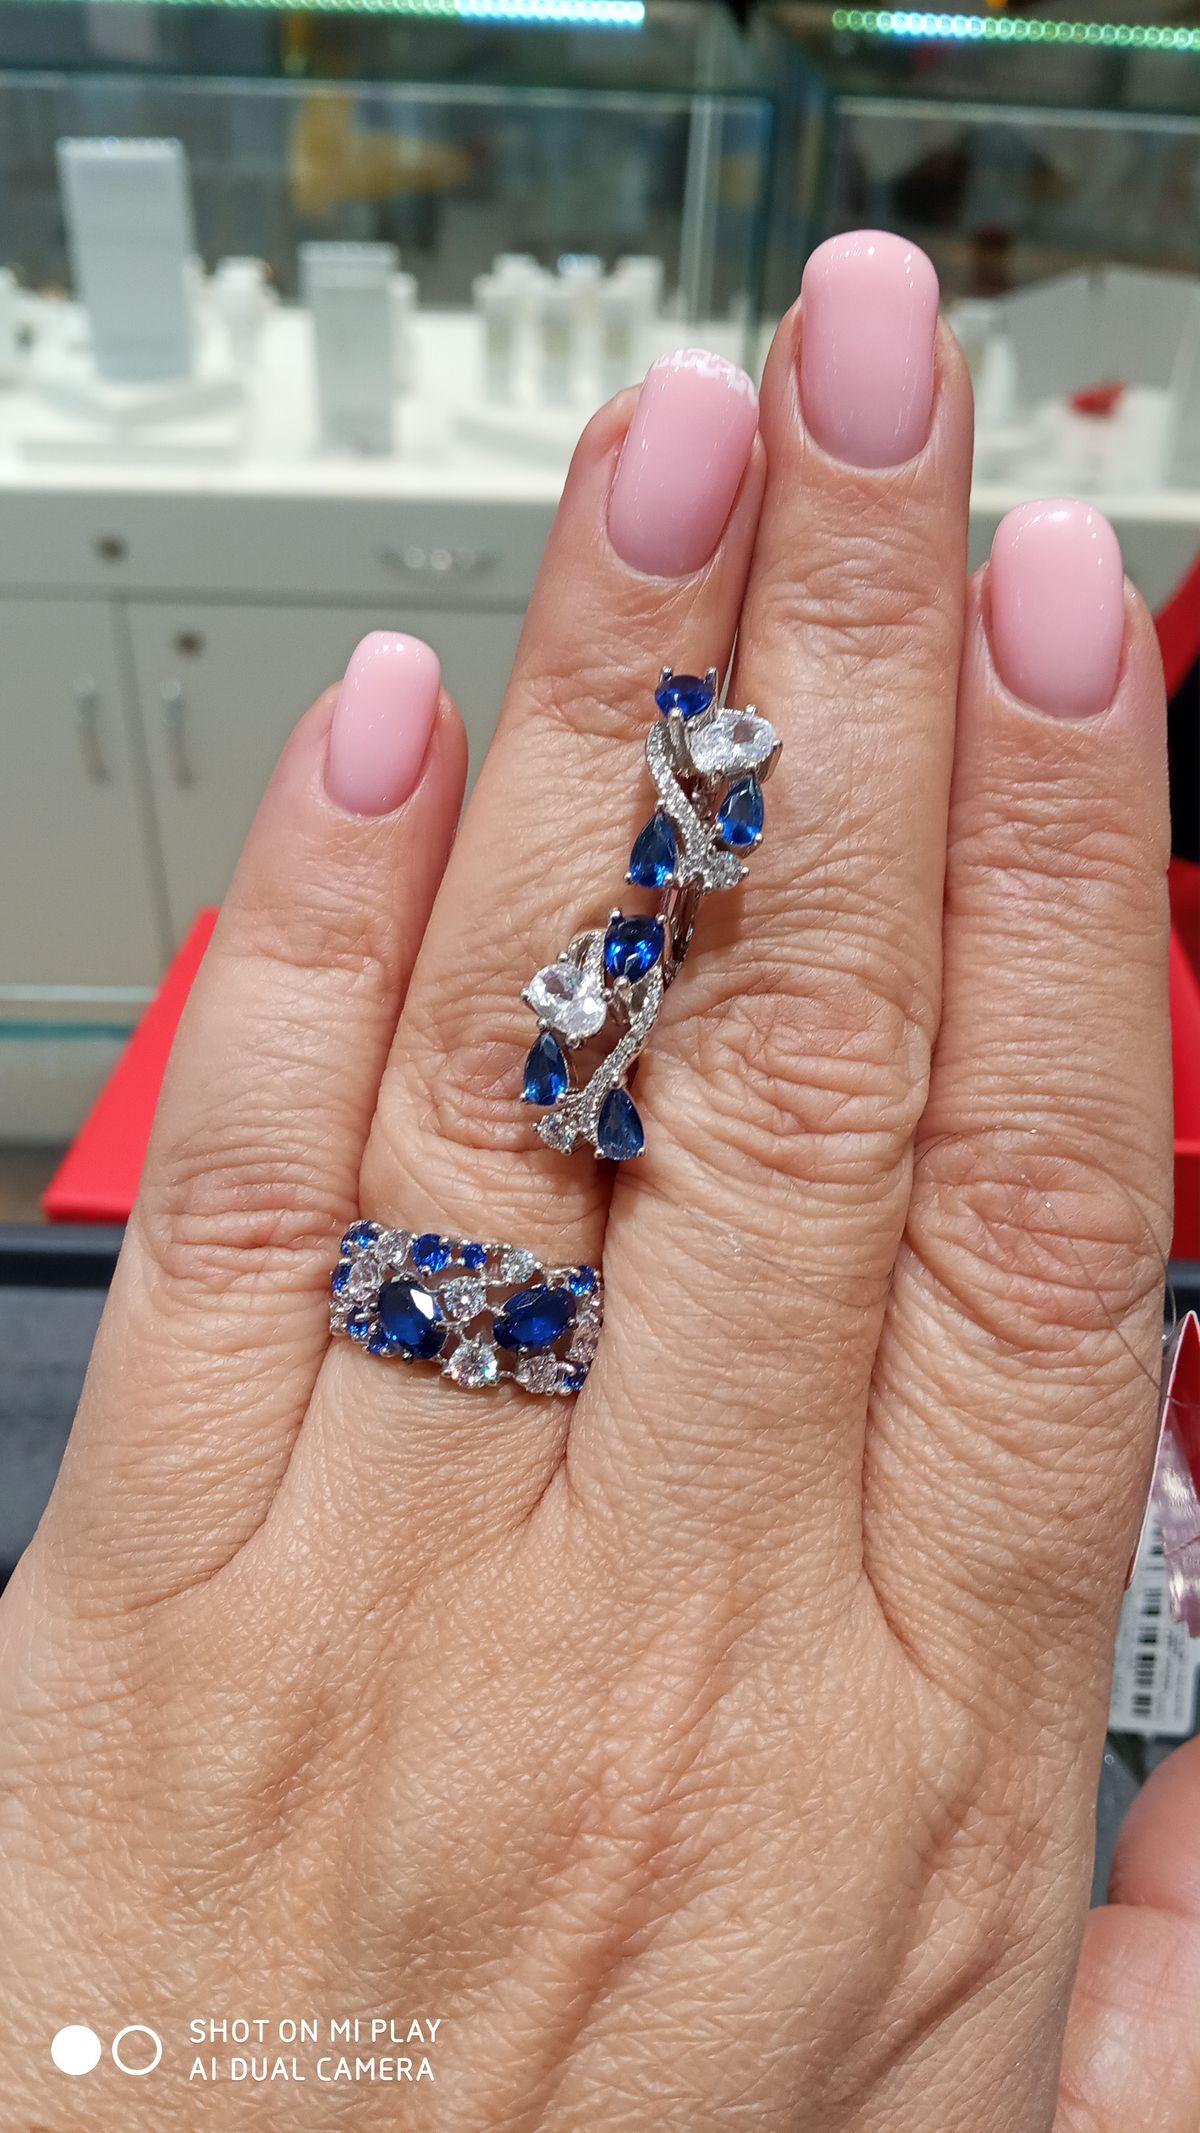 Утонченное колечко с  королевским синим и белыми фианитами.